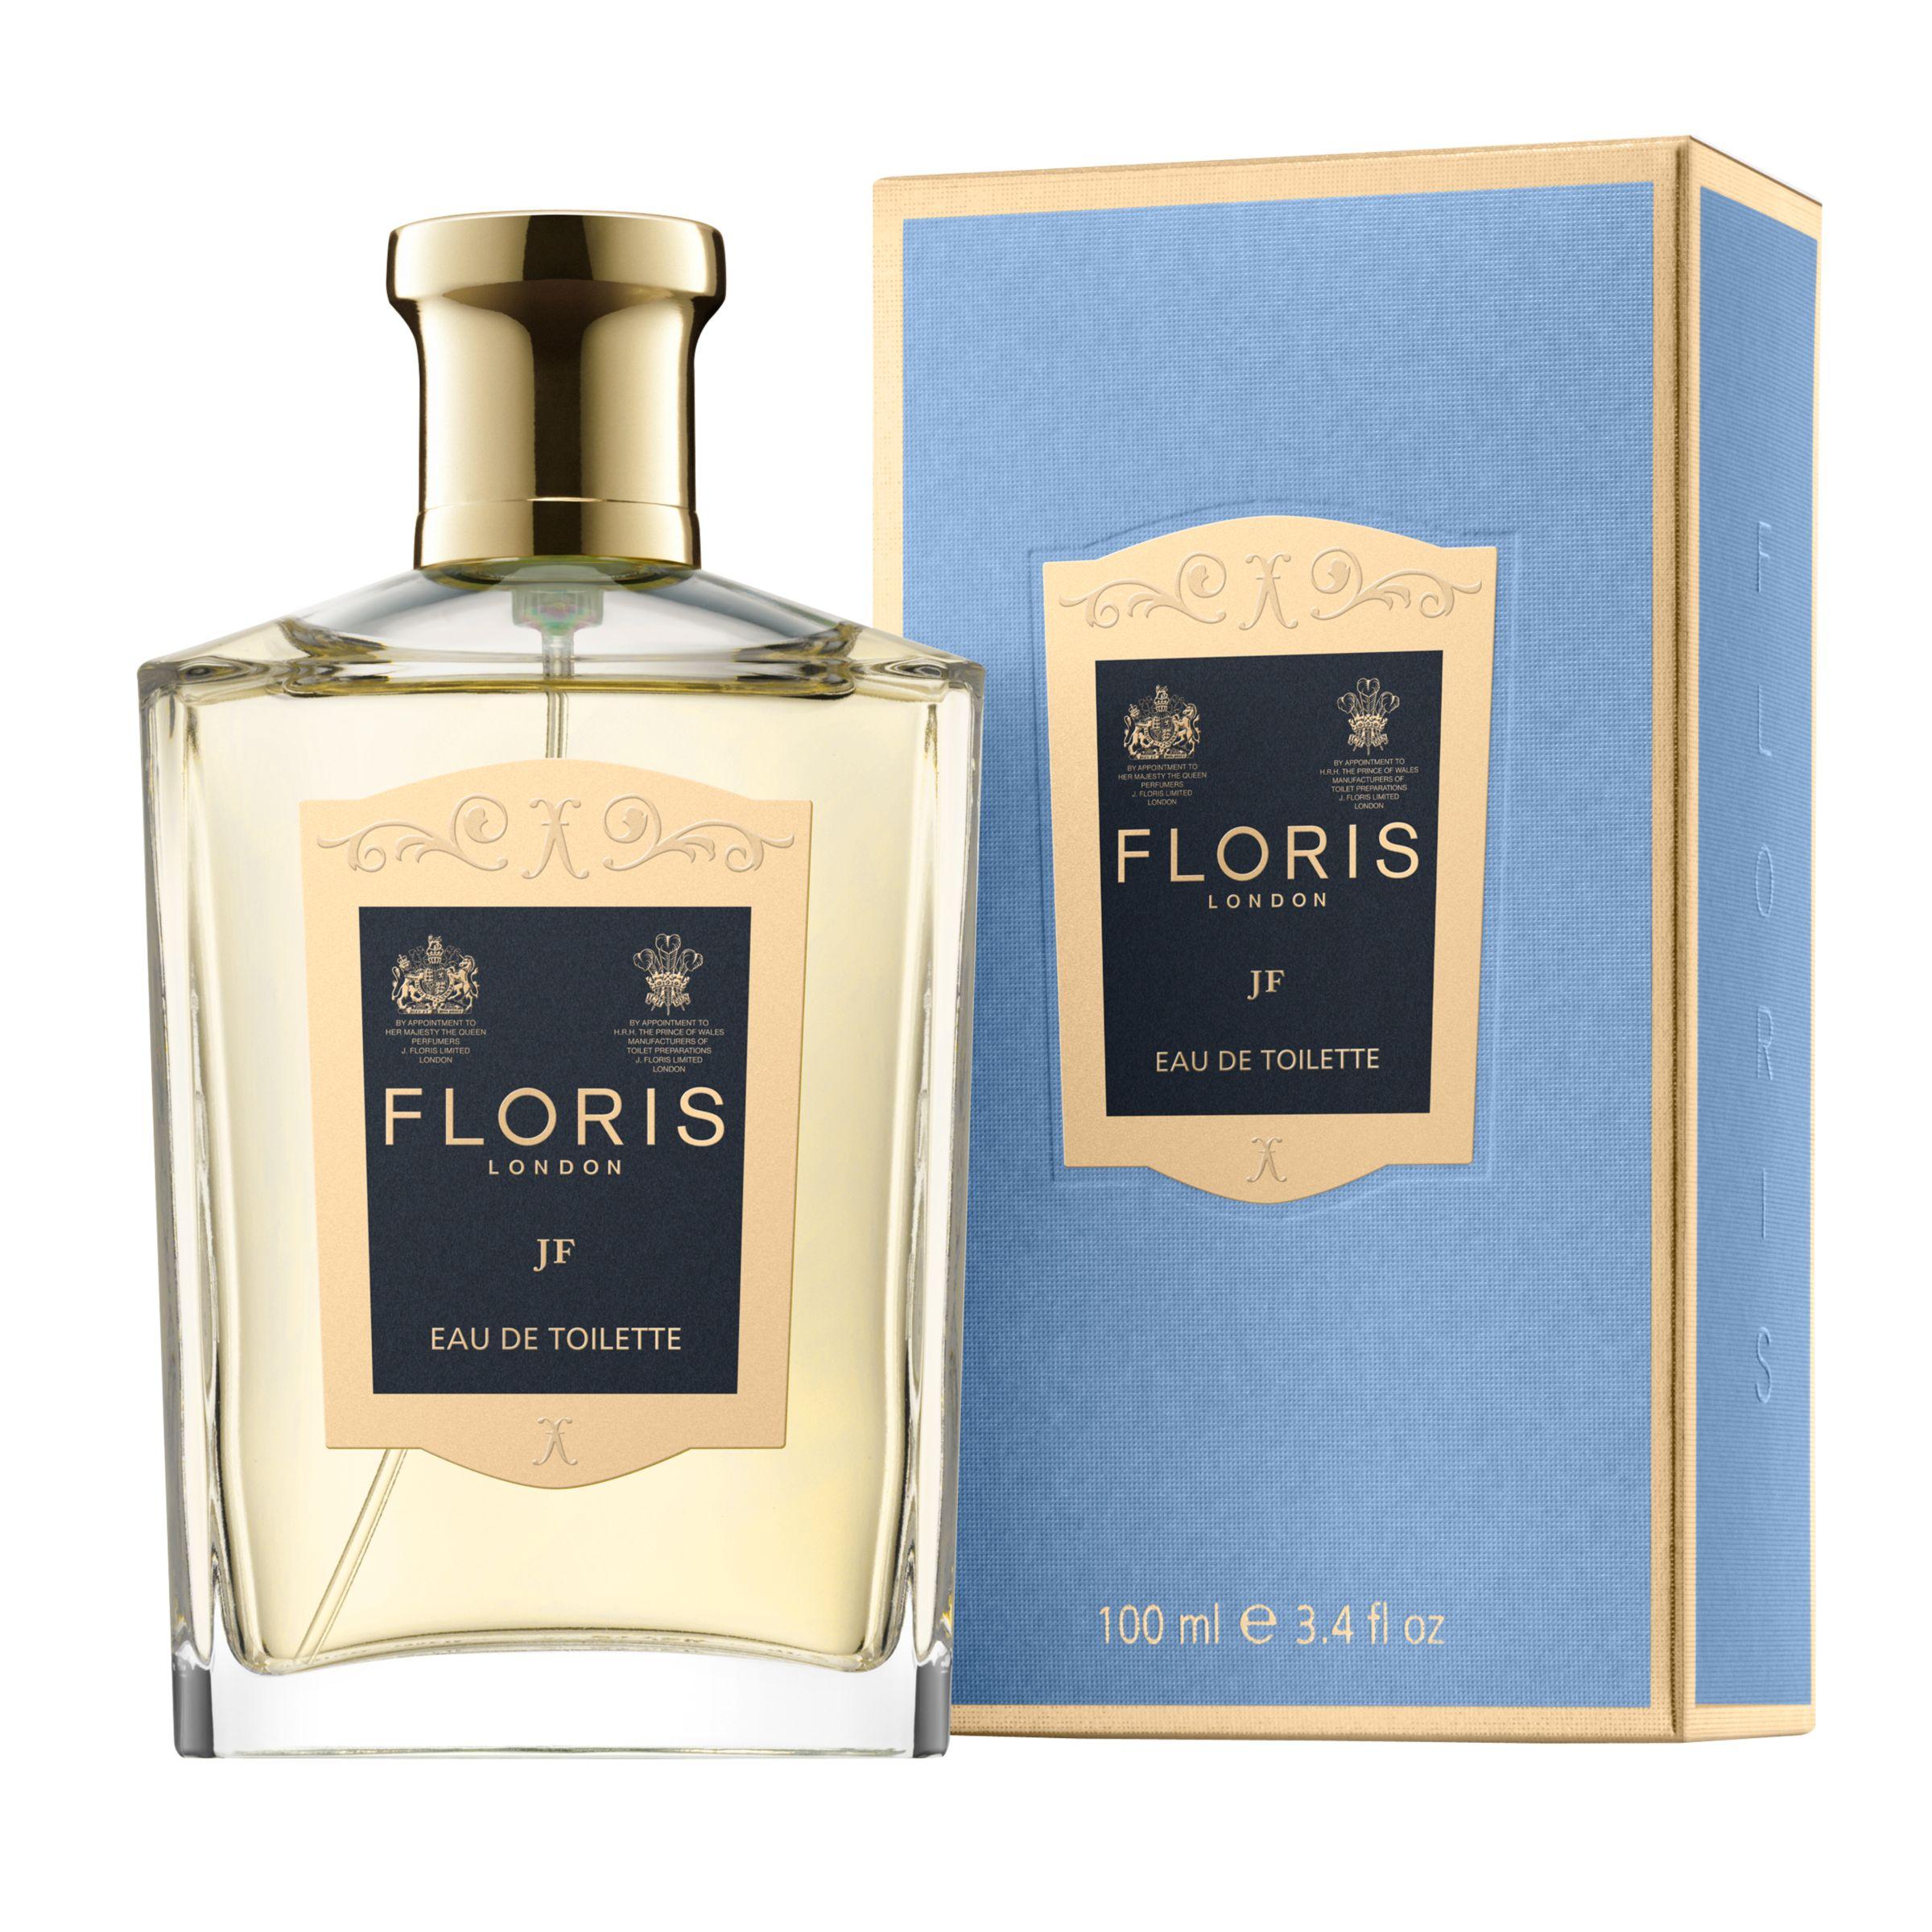 Floris Floris JF Eau de Toilette, 100ml